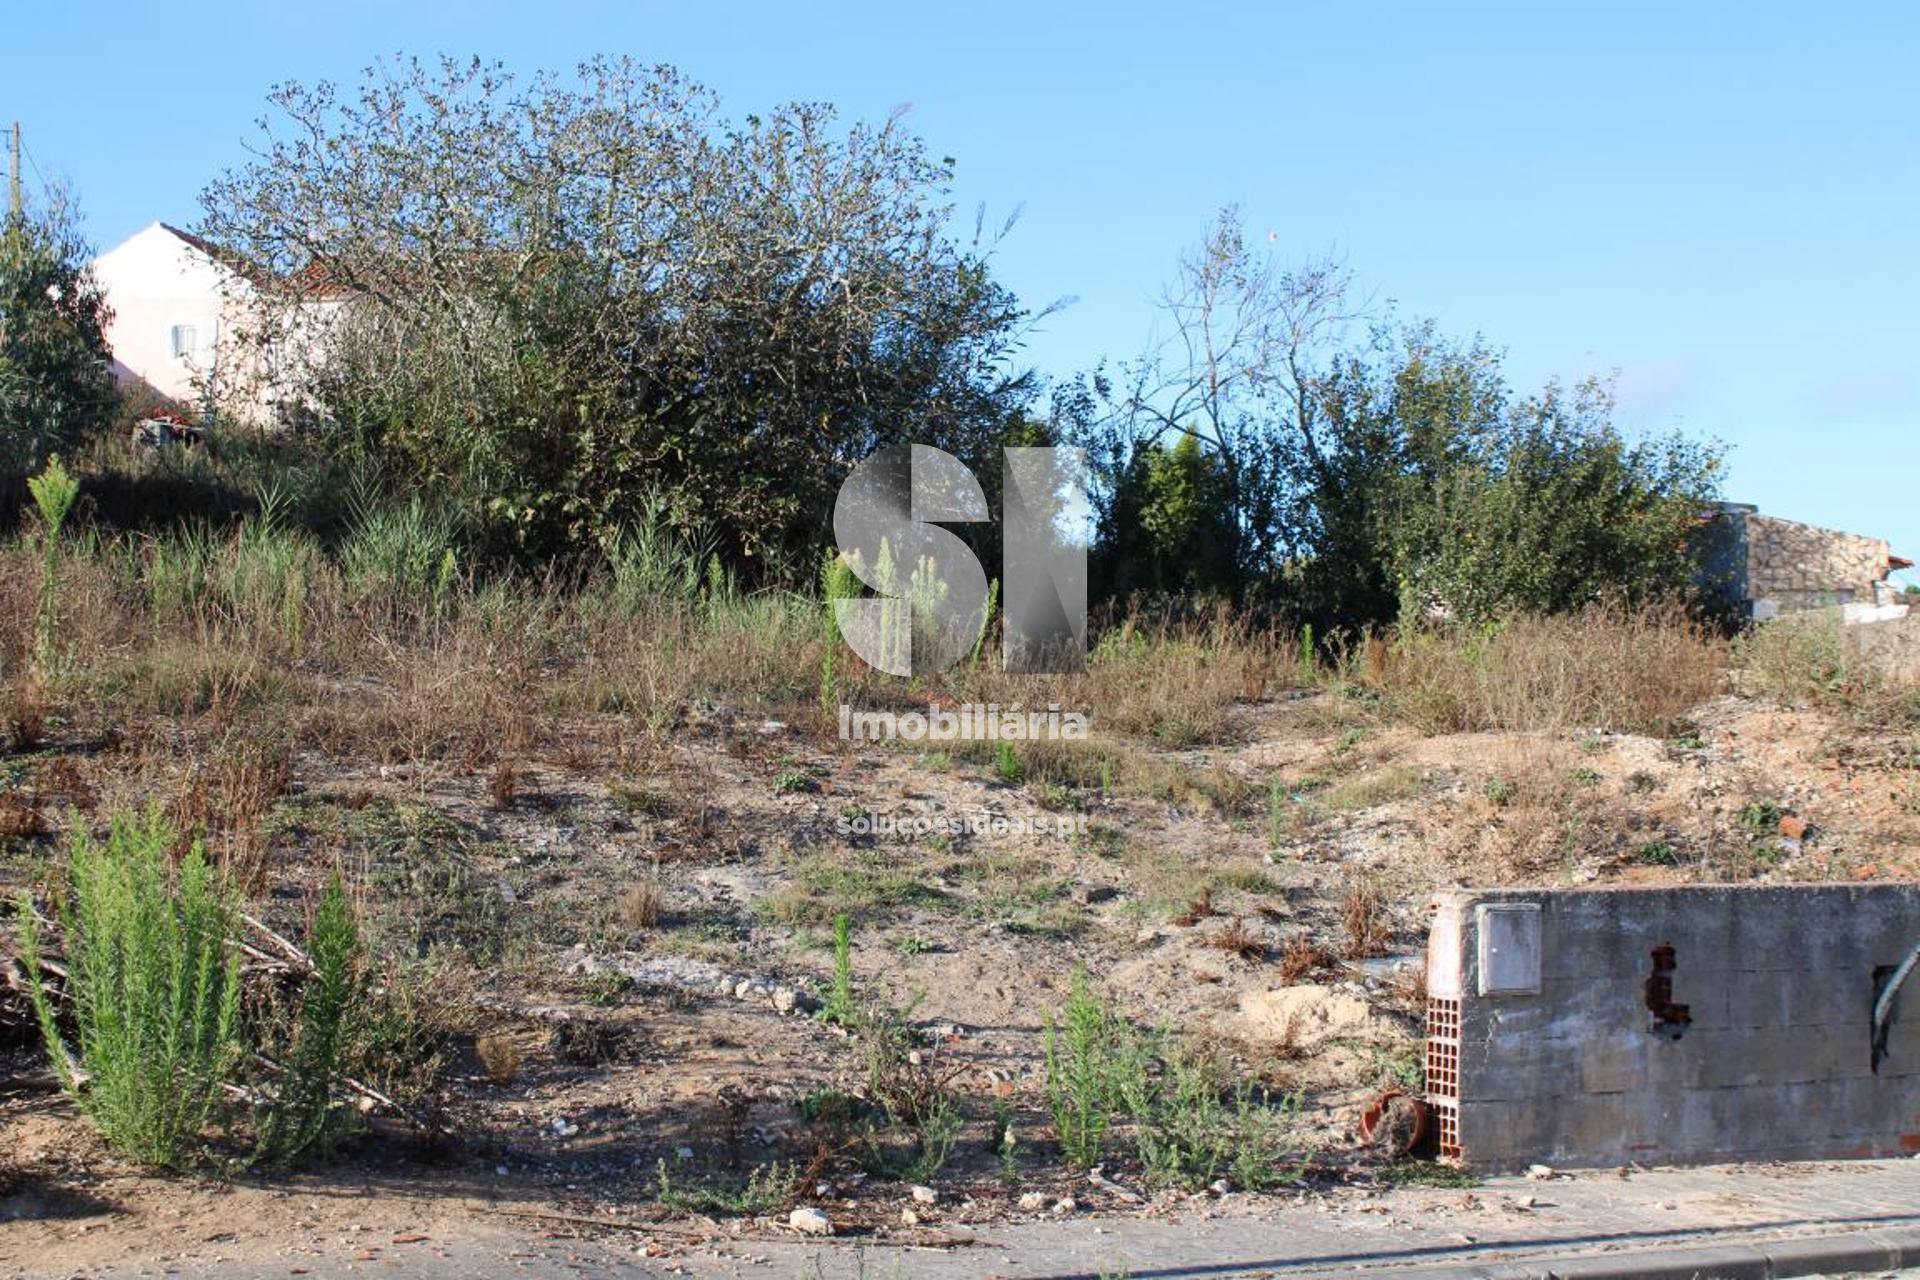 terreno para compra em lourinha uniao das freguesias de miragaia e marteleira LFCPM699_5